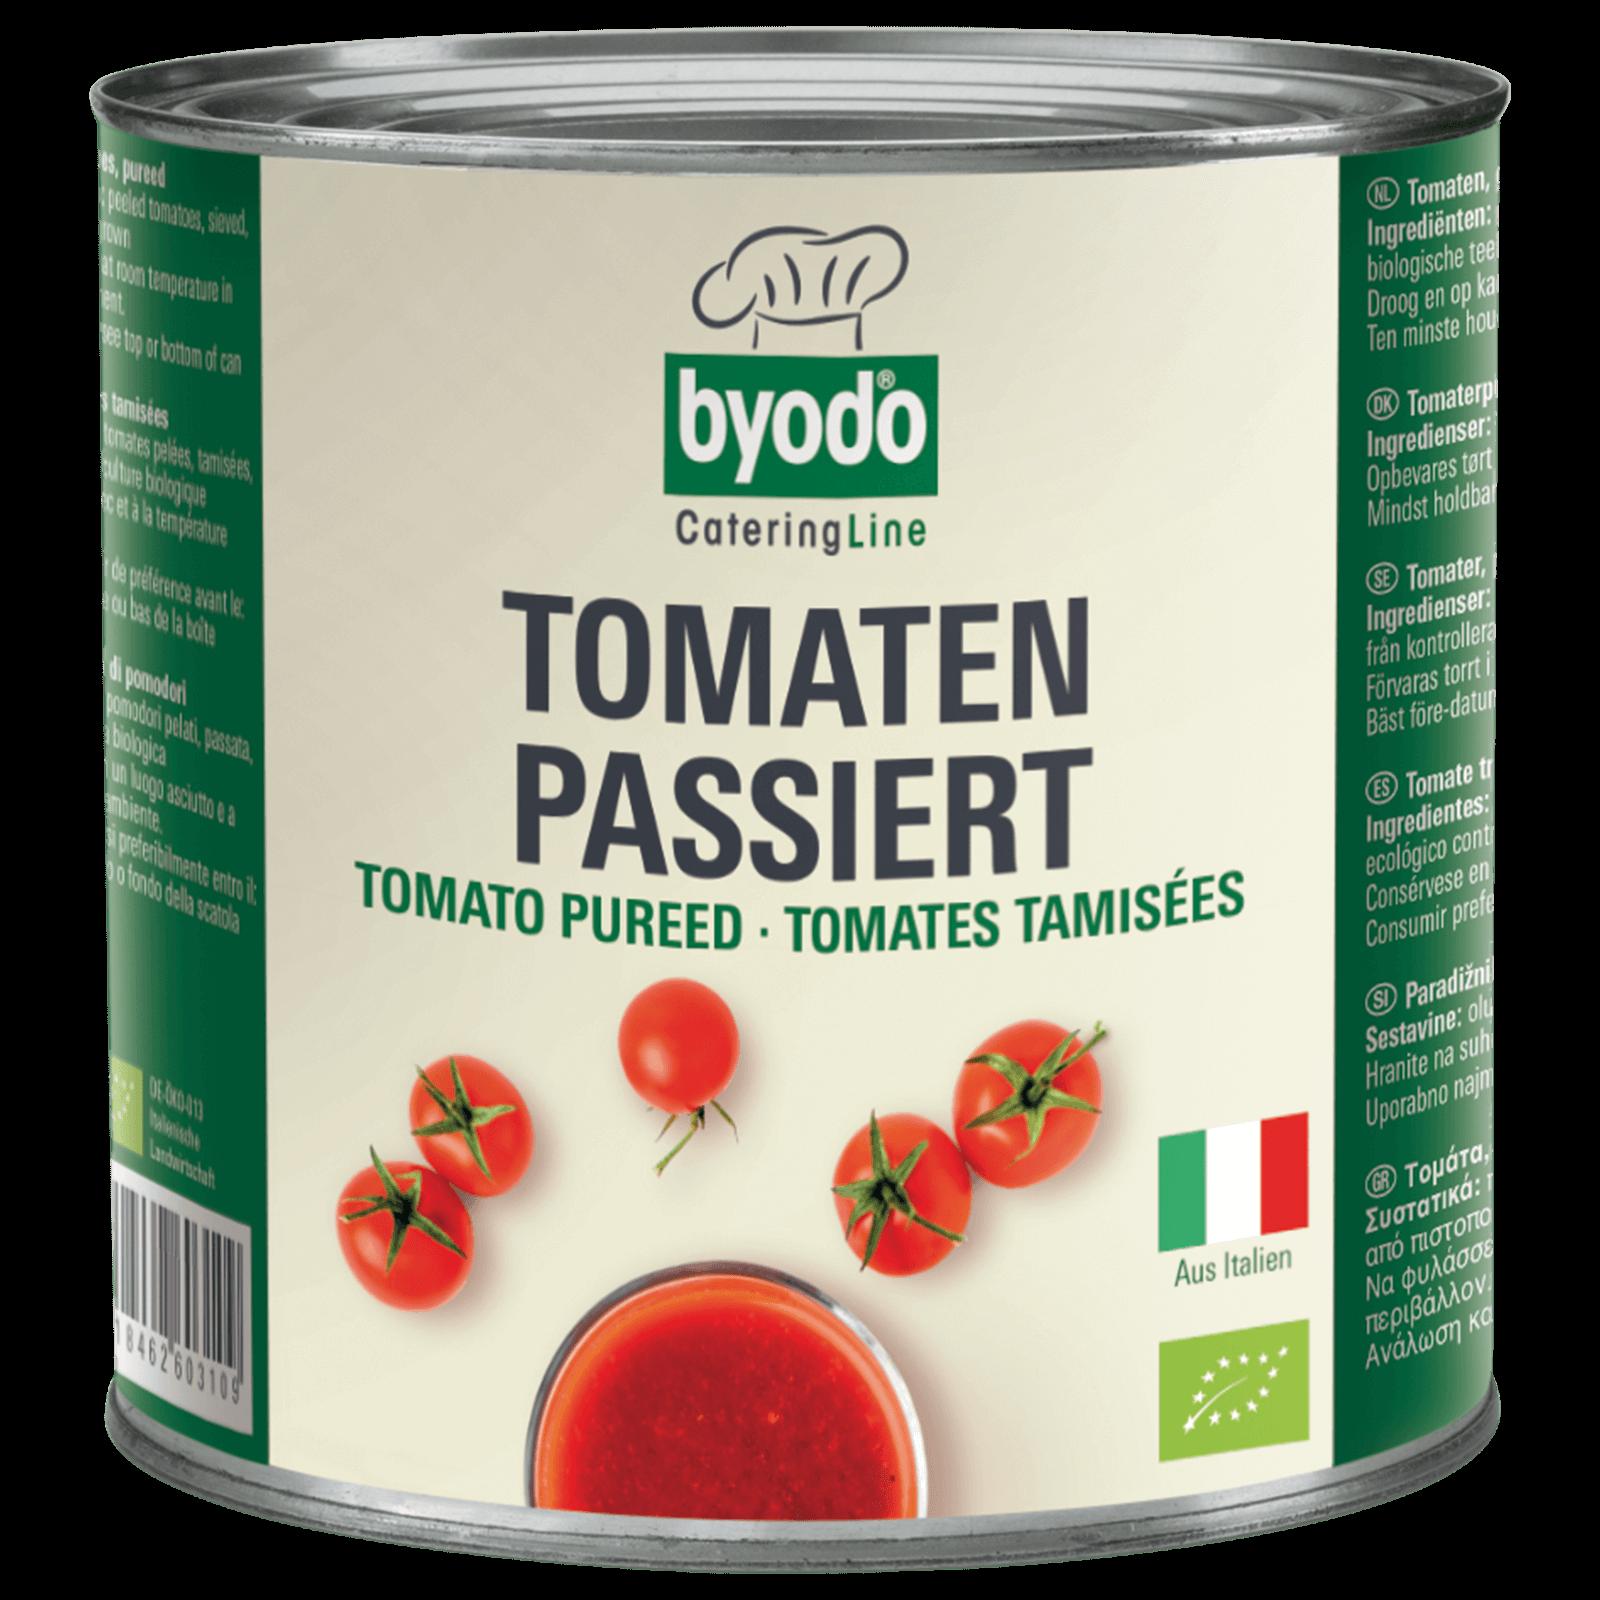 Bio-Tomaten passiert 2550g